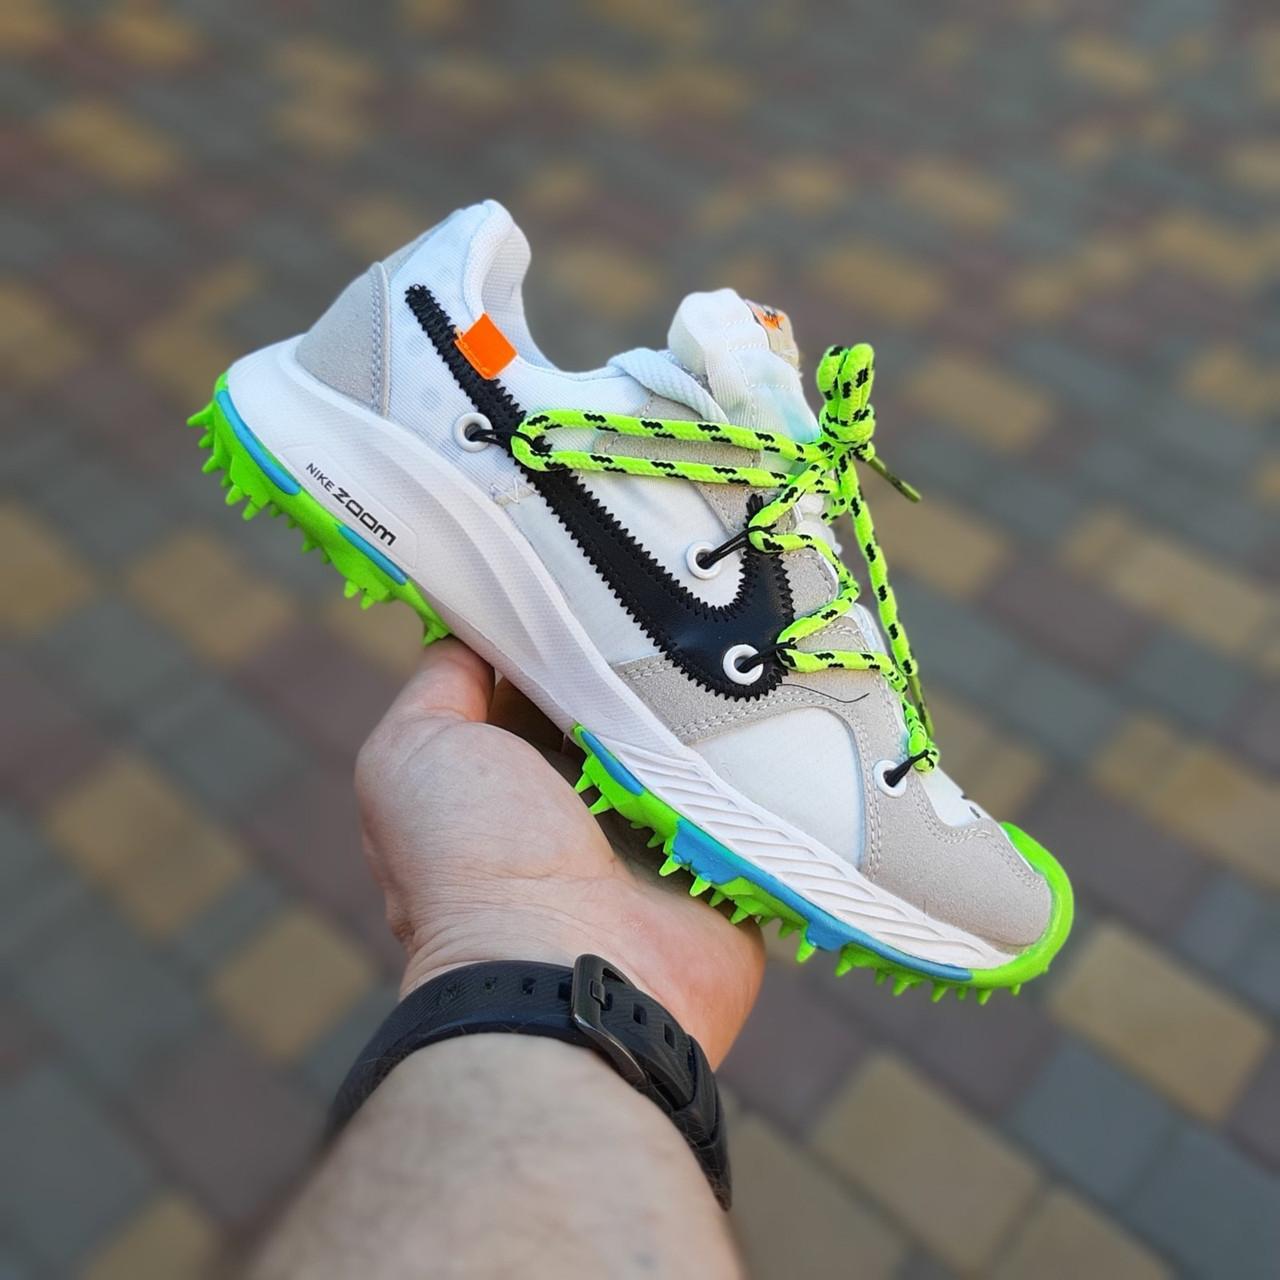 Кросівки розпродаж АКЦІЯ останні розміри Nike Zoom Terra Kiger 650 грн люкс копія